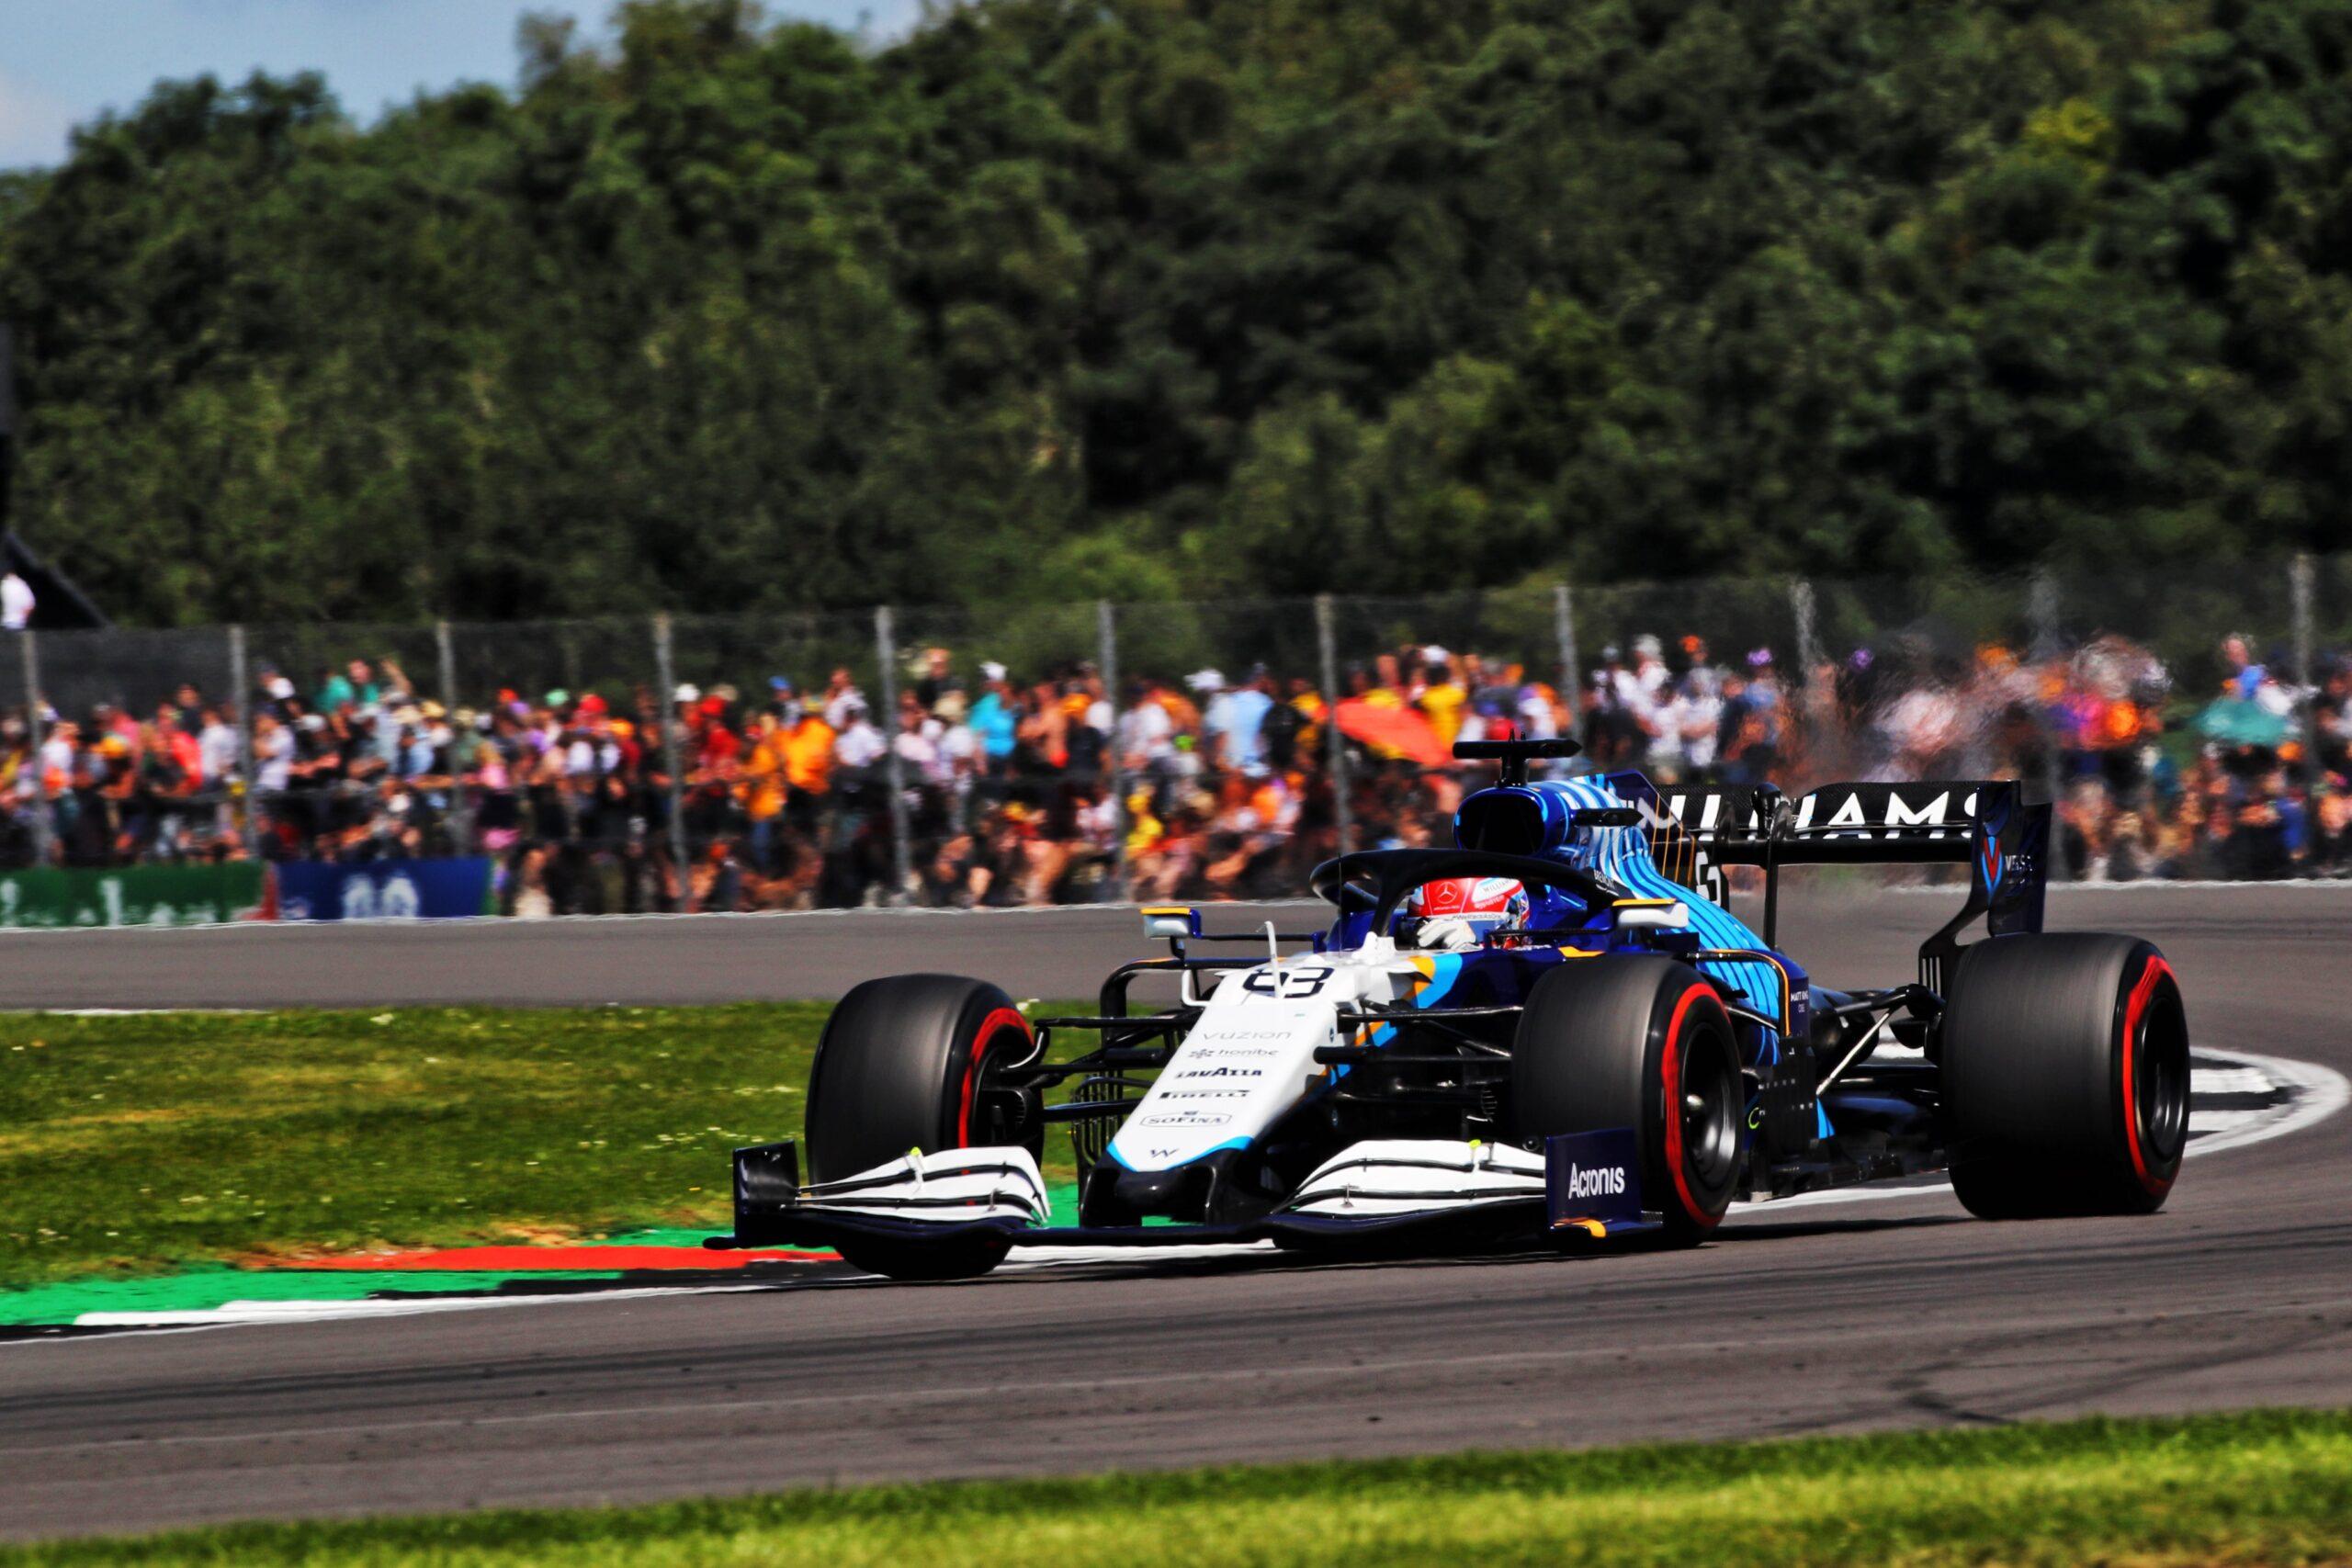 Russell penalizzato di tre posizioni, Sainz sale in decima posizione.